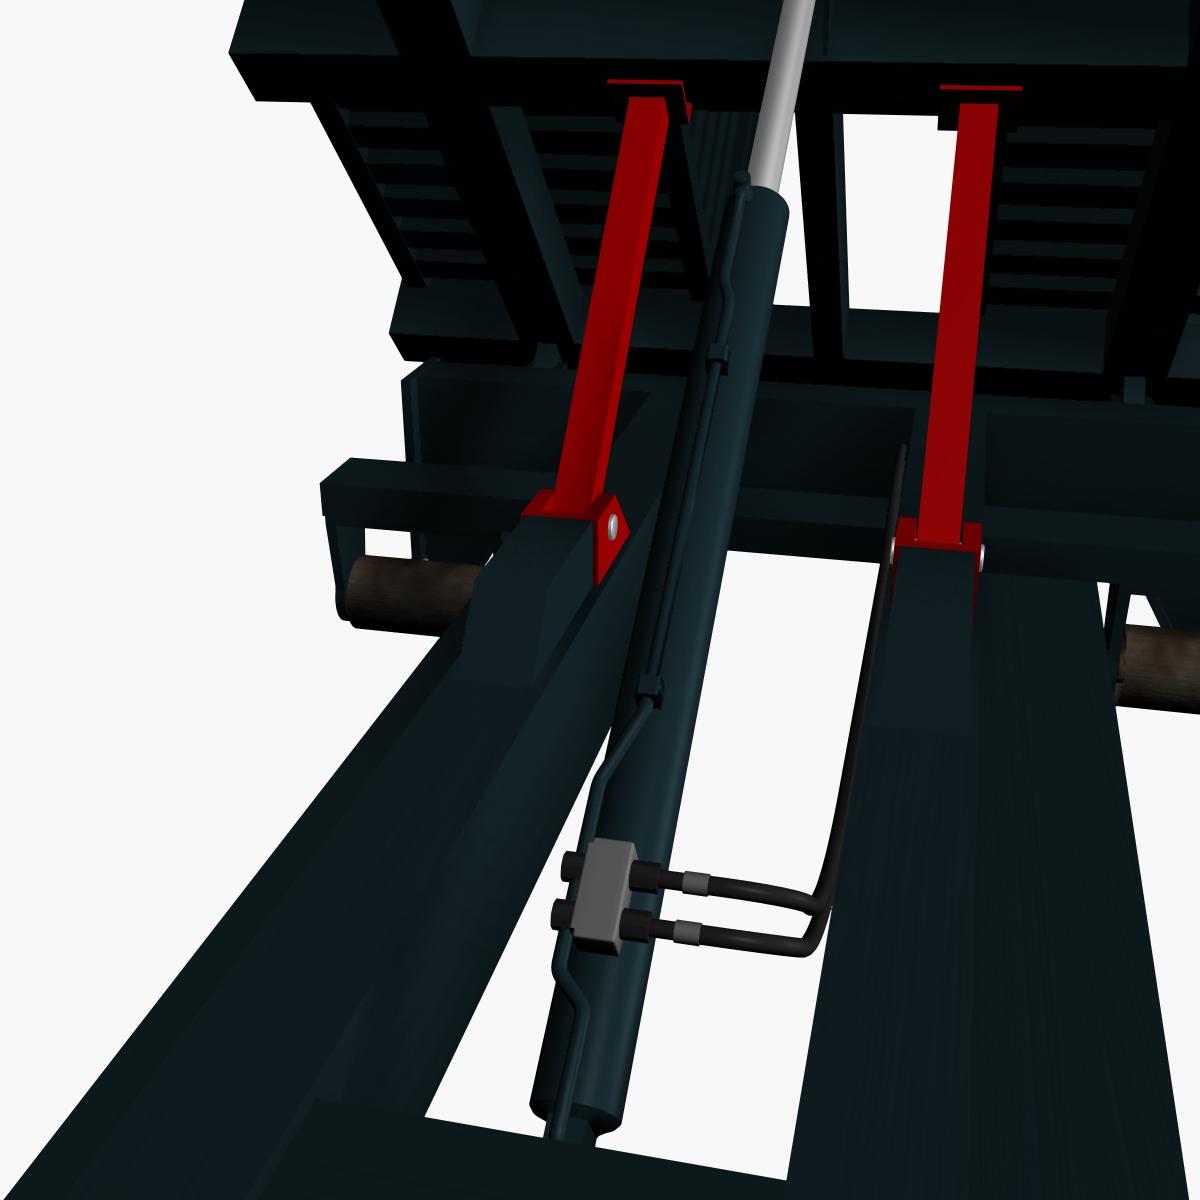 lora missile launcher 3d model 3ds dxf fbx blend cob dae x obj 217693